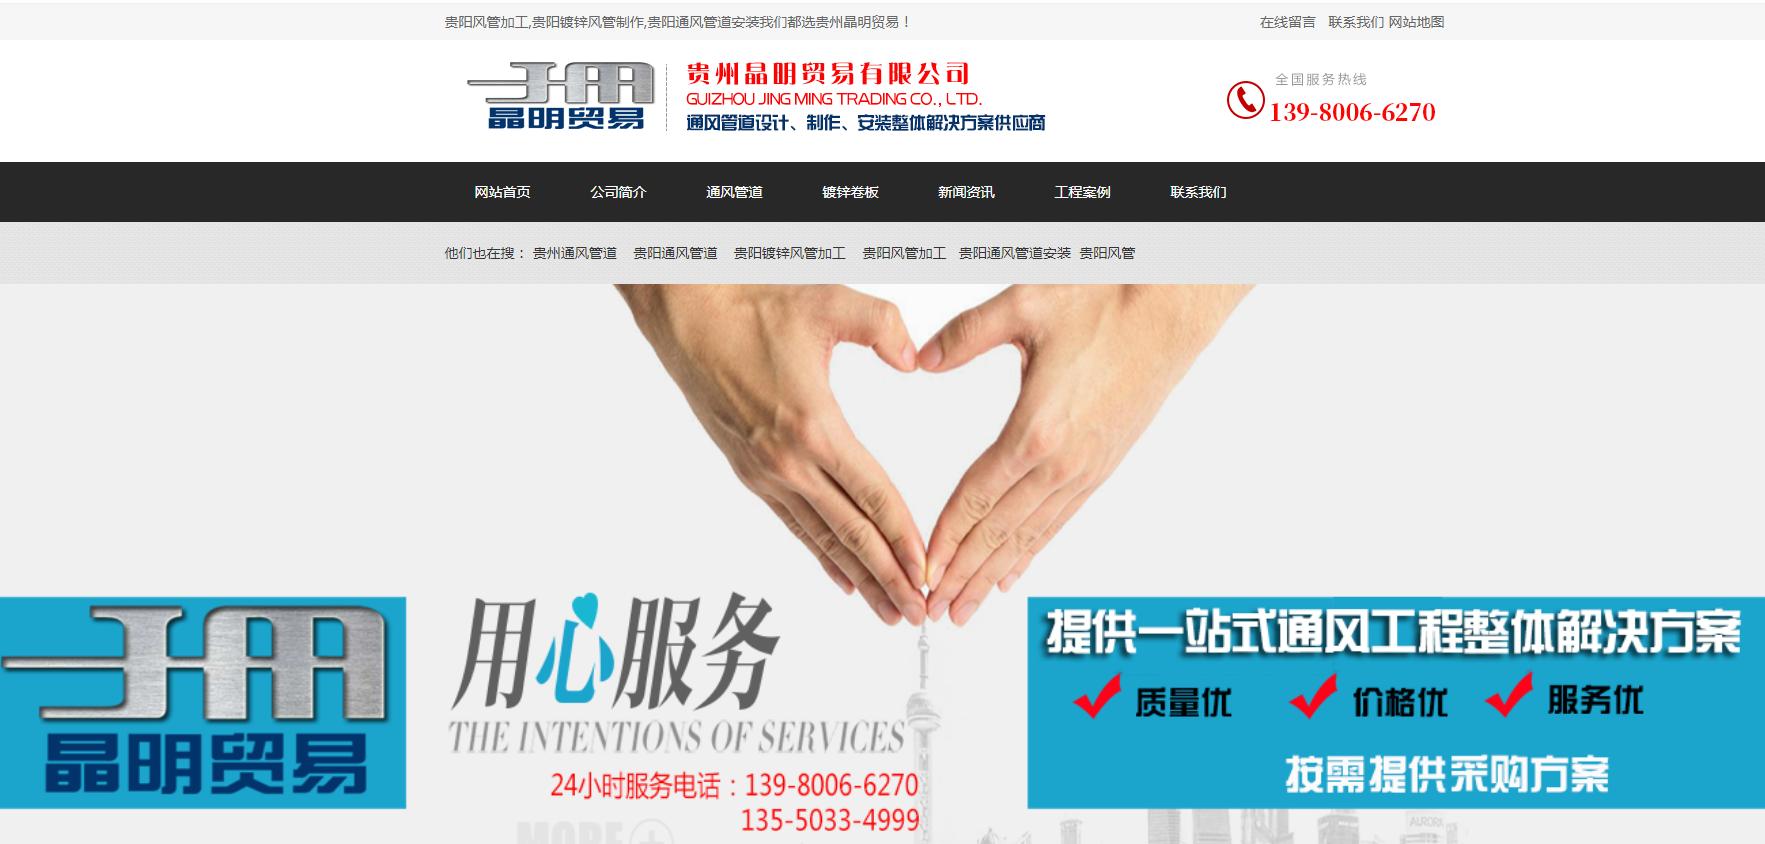 贵州通风管道网站制作案例